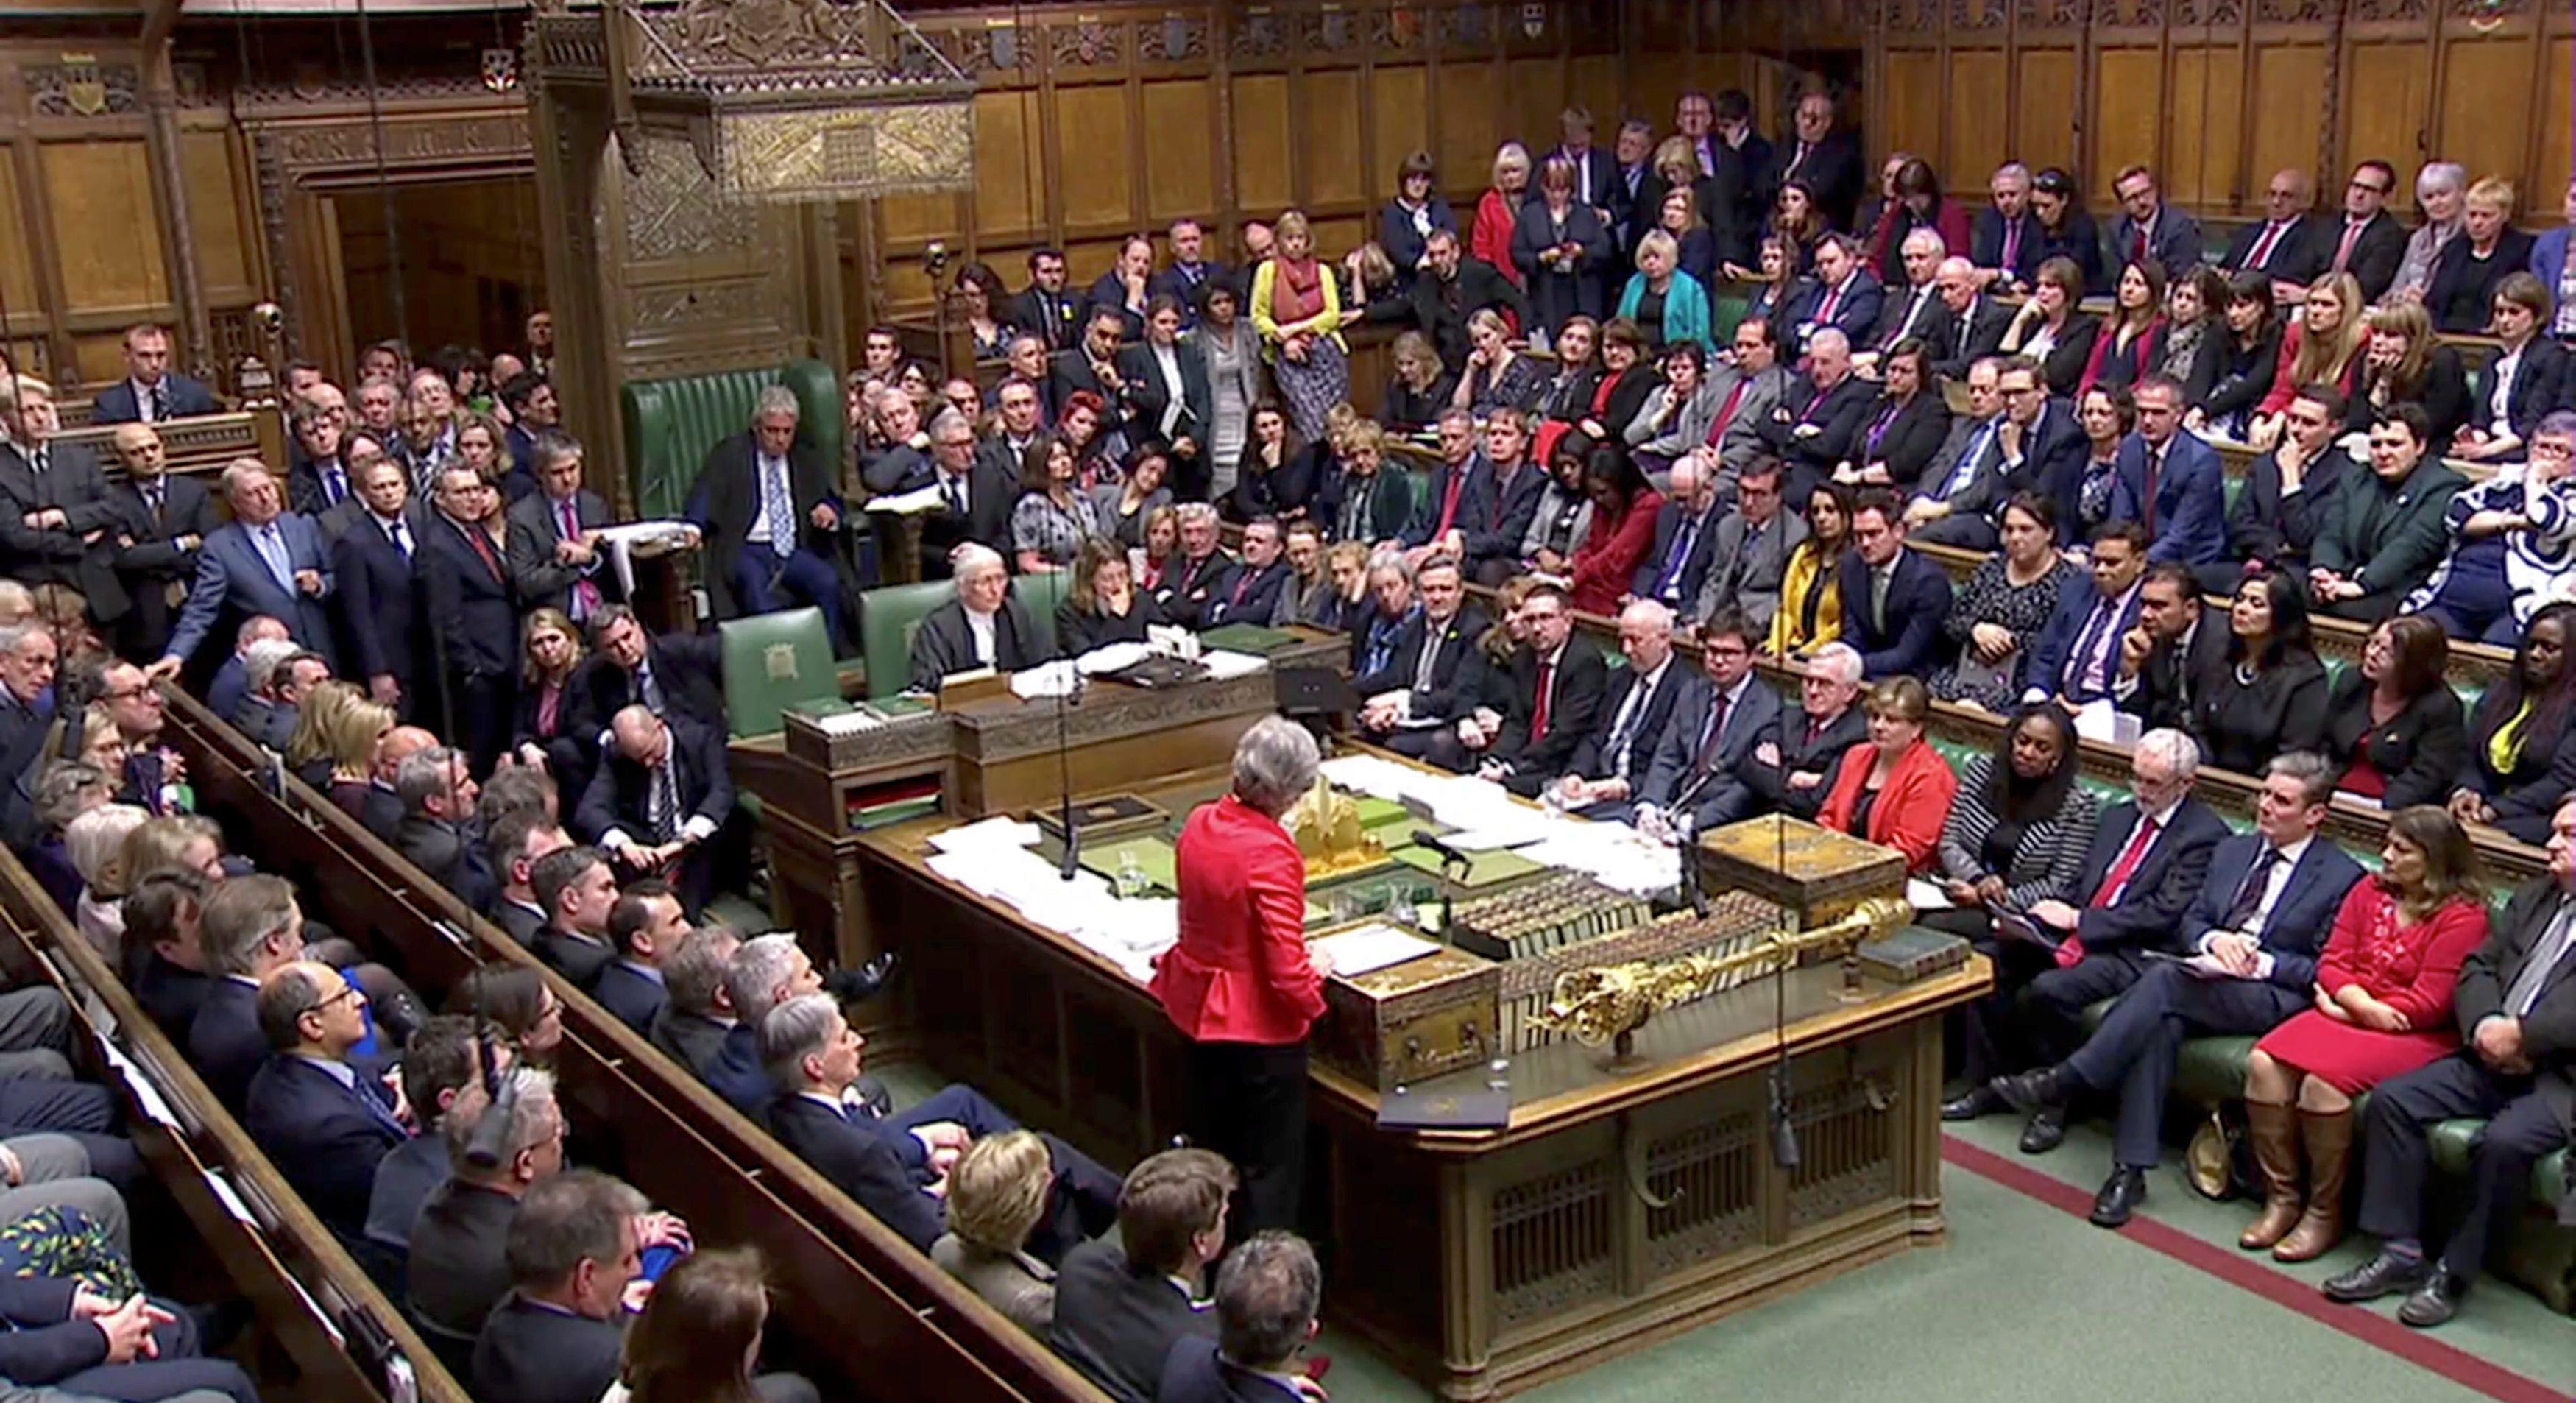 Wielka Brytania nie chce opuszczać UE bez umowy